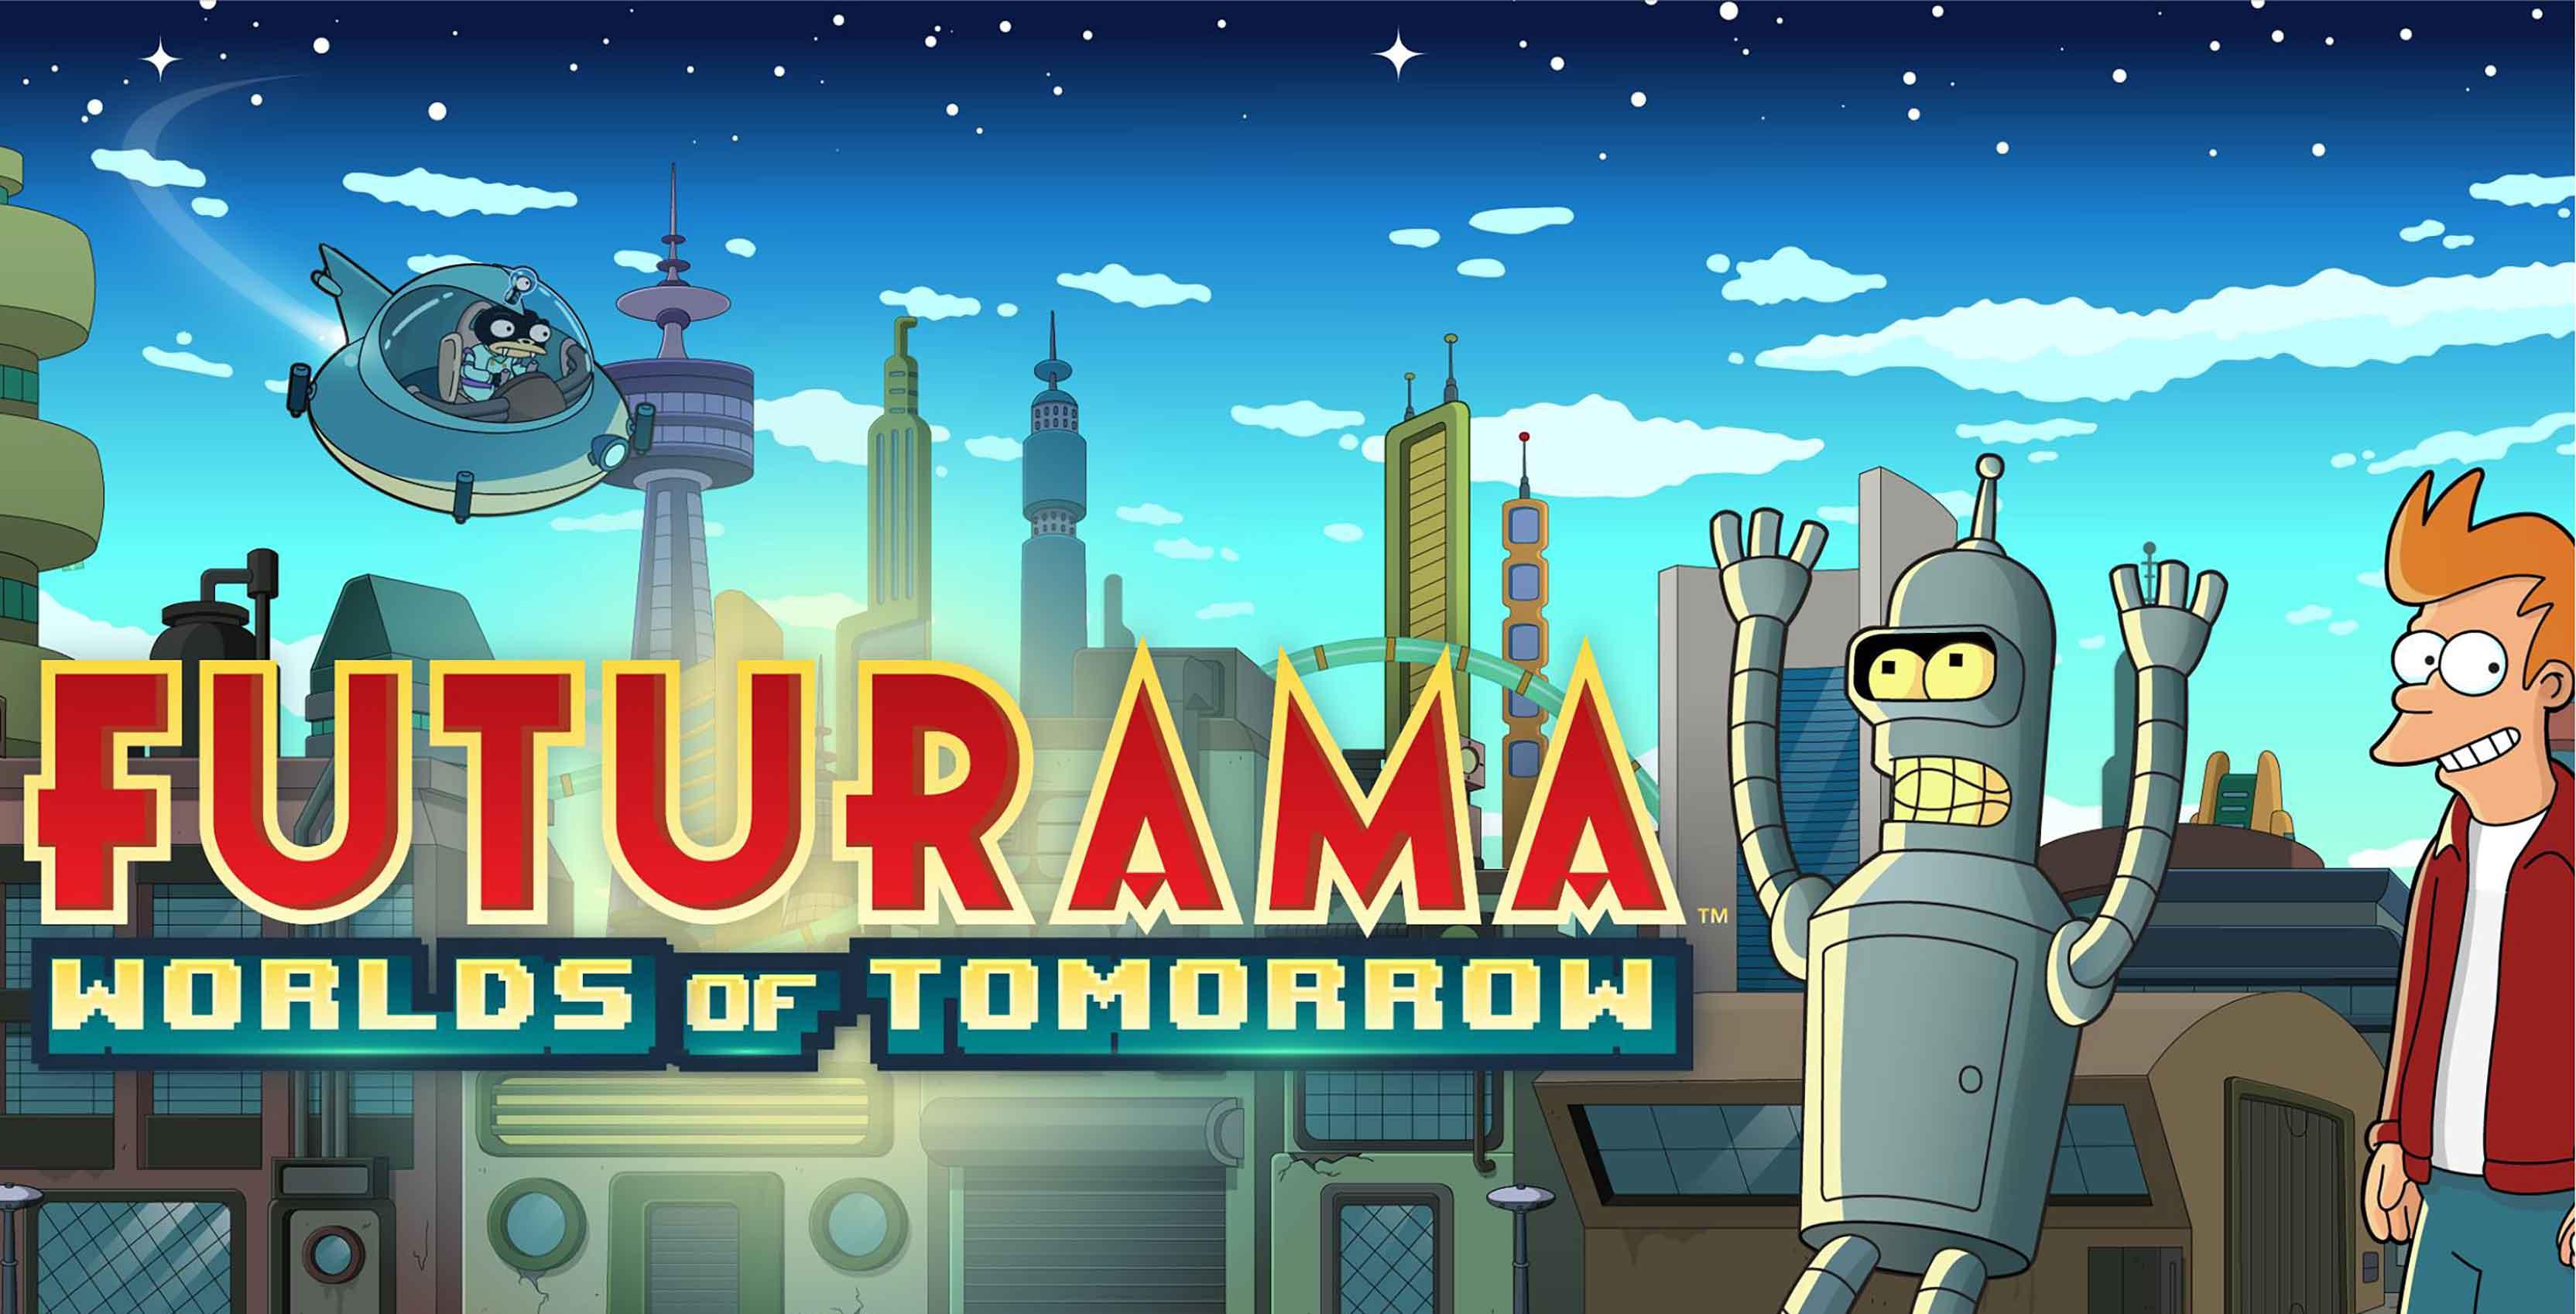 Futurama World of Tomorrow game